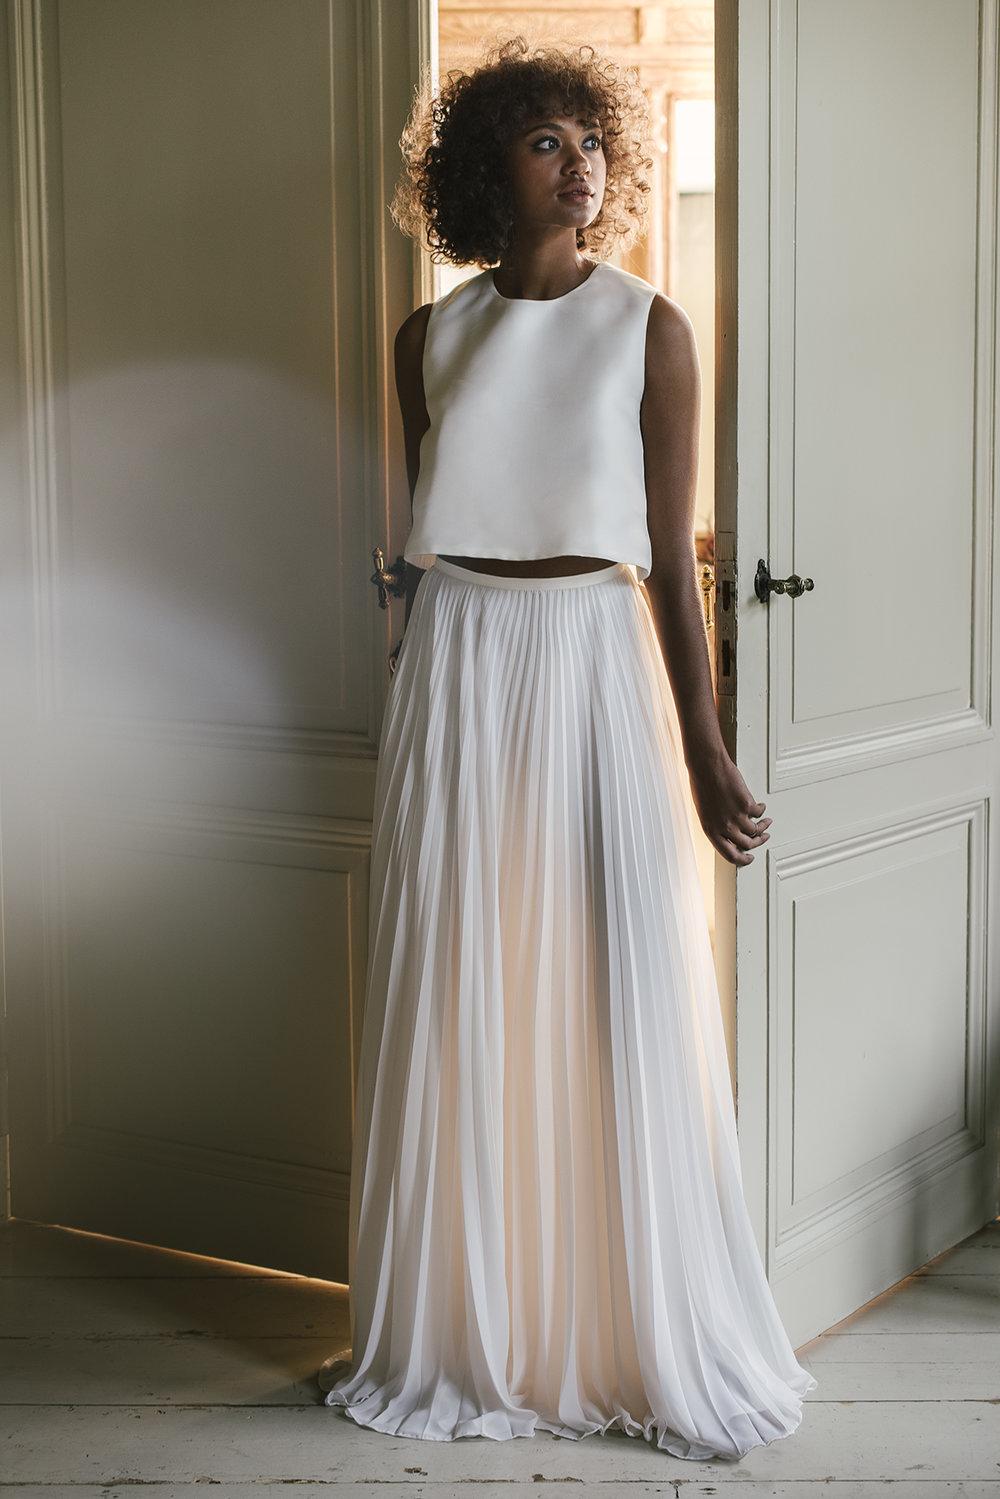 valentine-avoh-robe-mariee-ella-wedding-dress-bruxelles-photo-elodie-timmermans-51.jpg